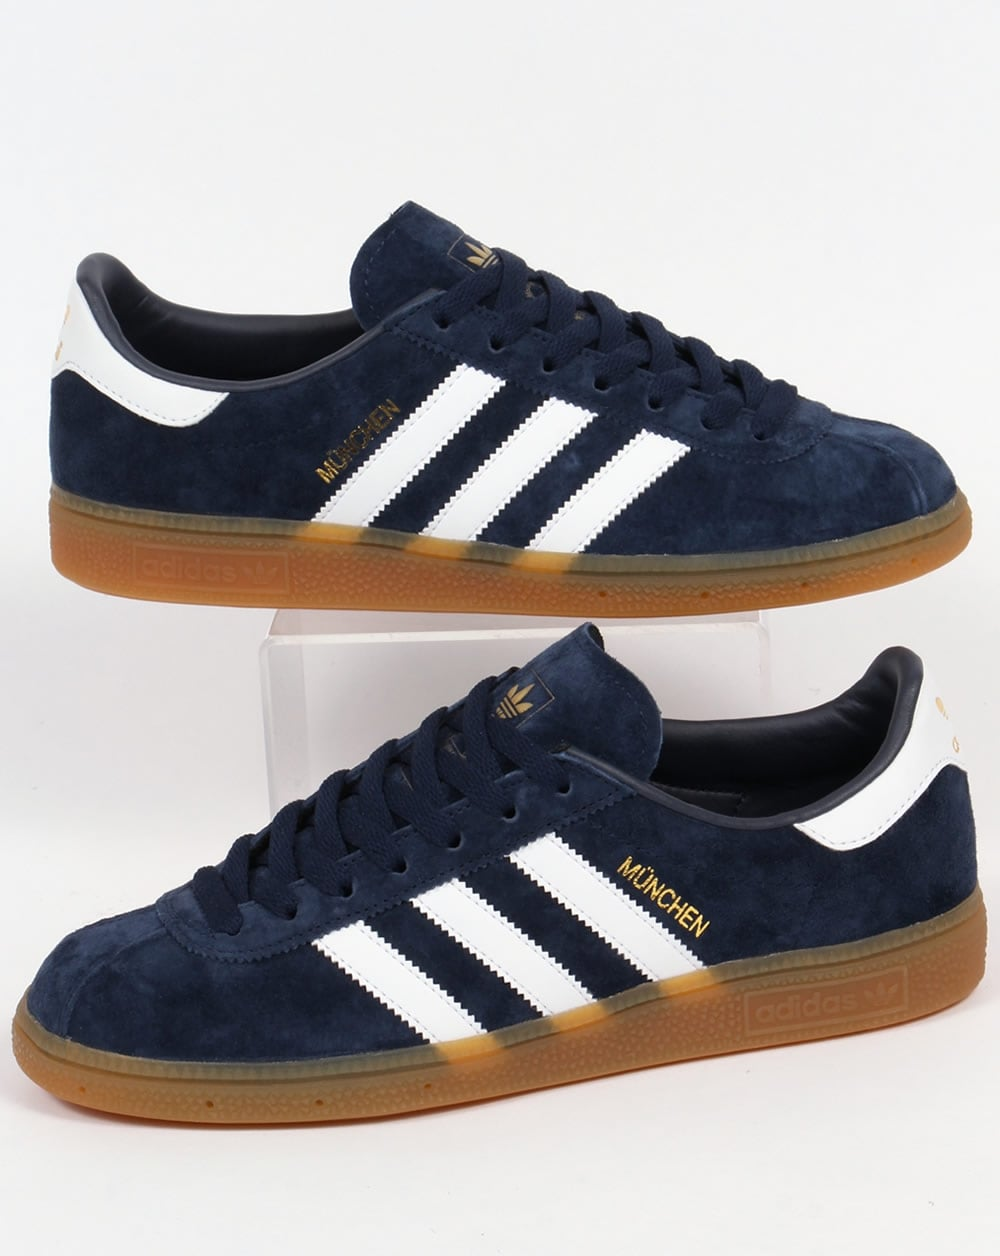 traicionar insuficiente Confirmación  Adidas Munchen Trainers Navy/White,shoes,blue,originals